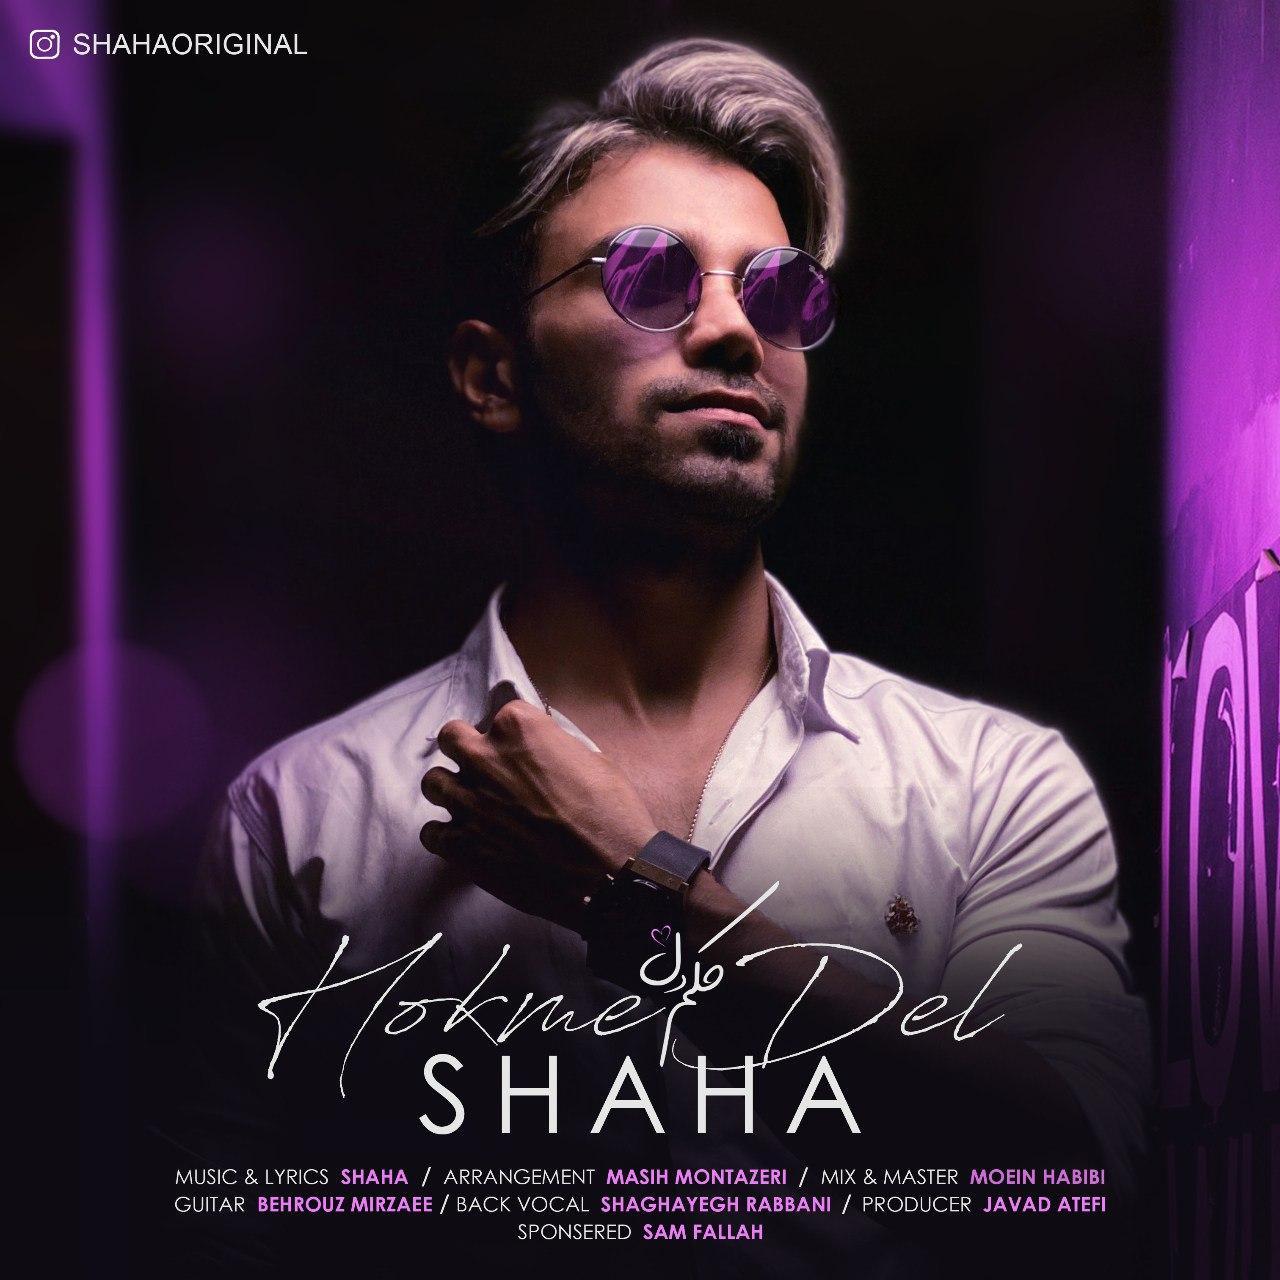 Shaha – Hokme Del